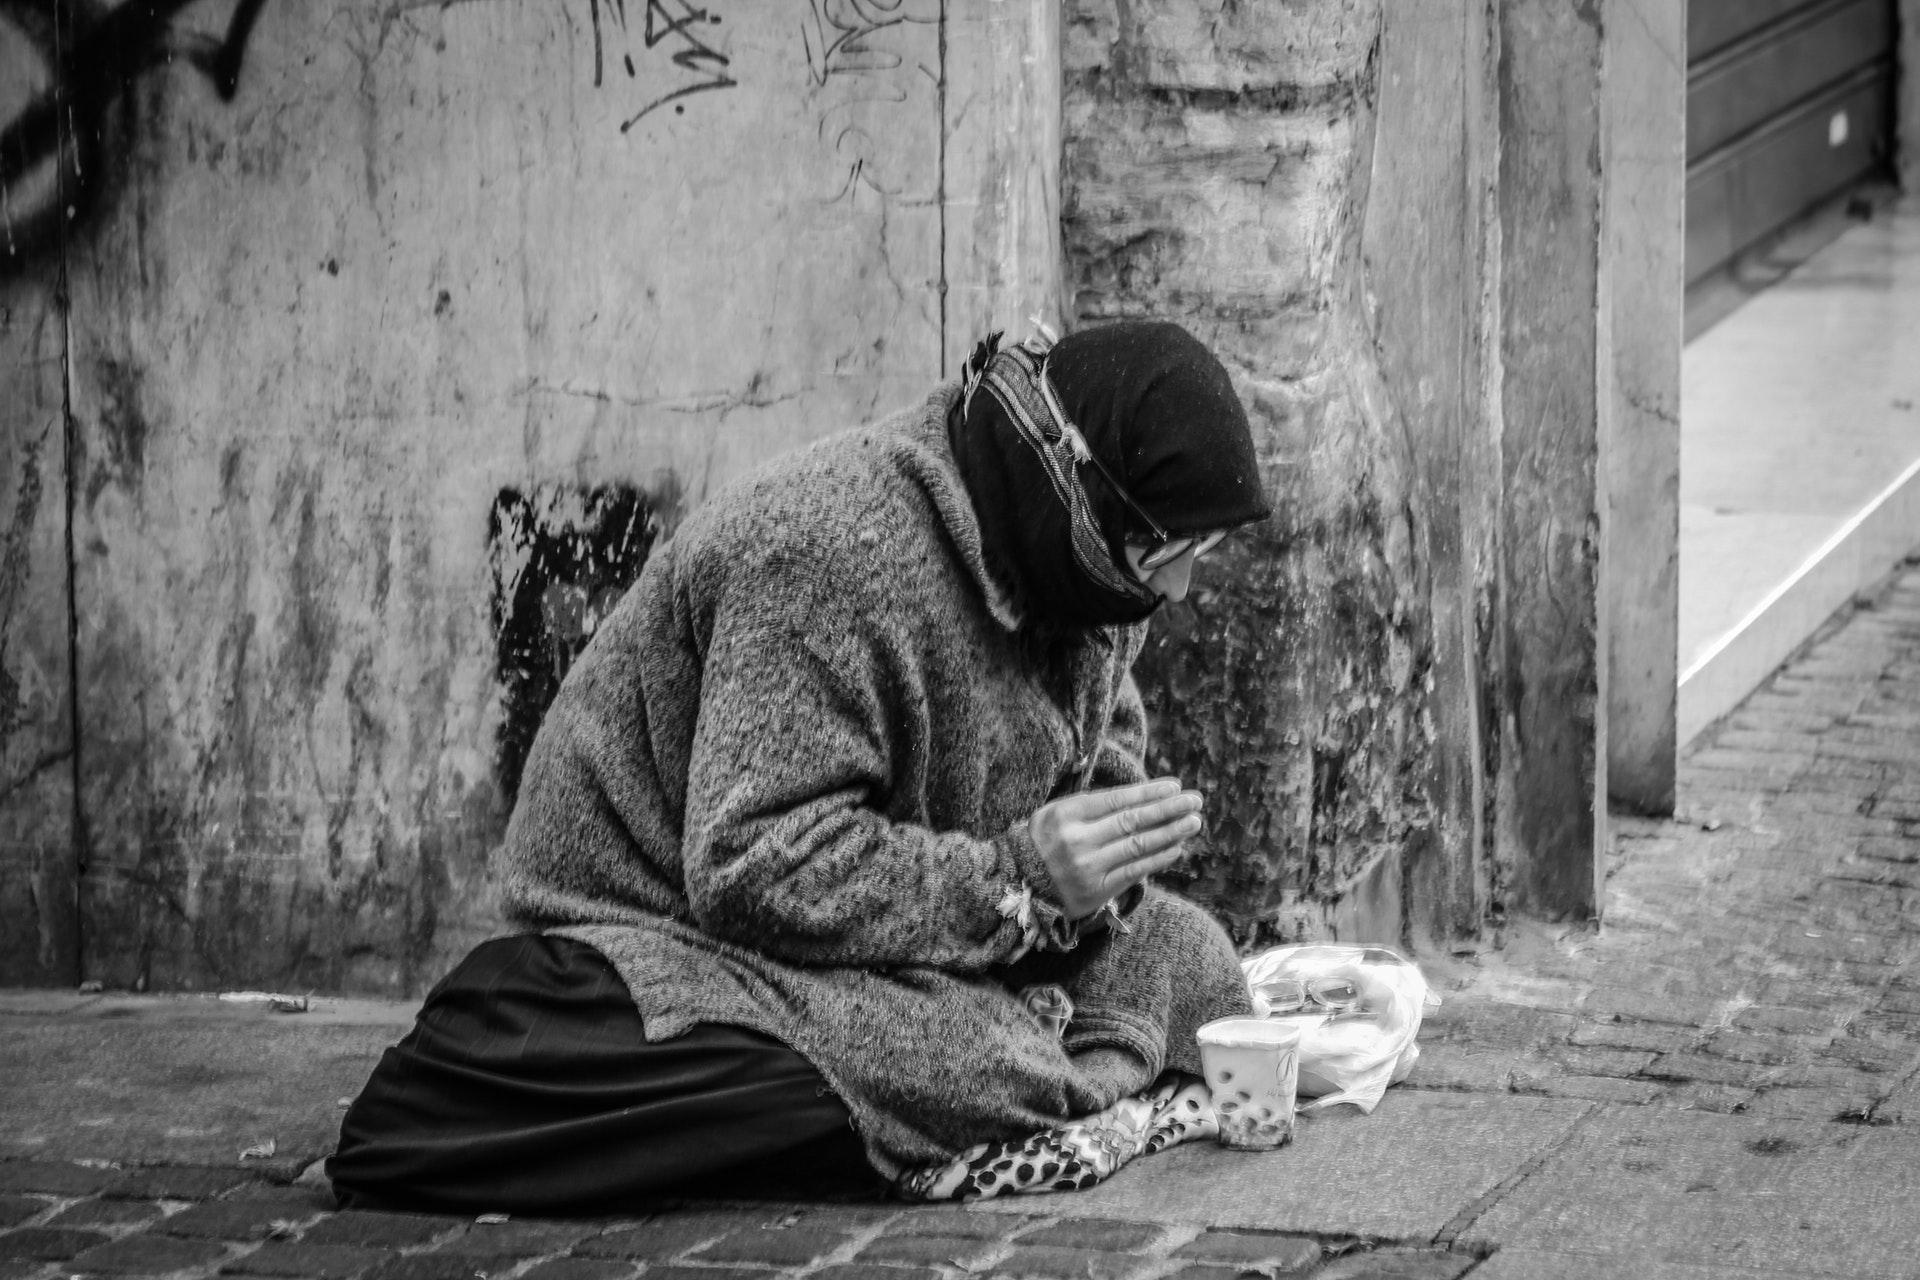 adult-beggar-begging-1058068